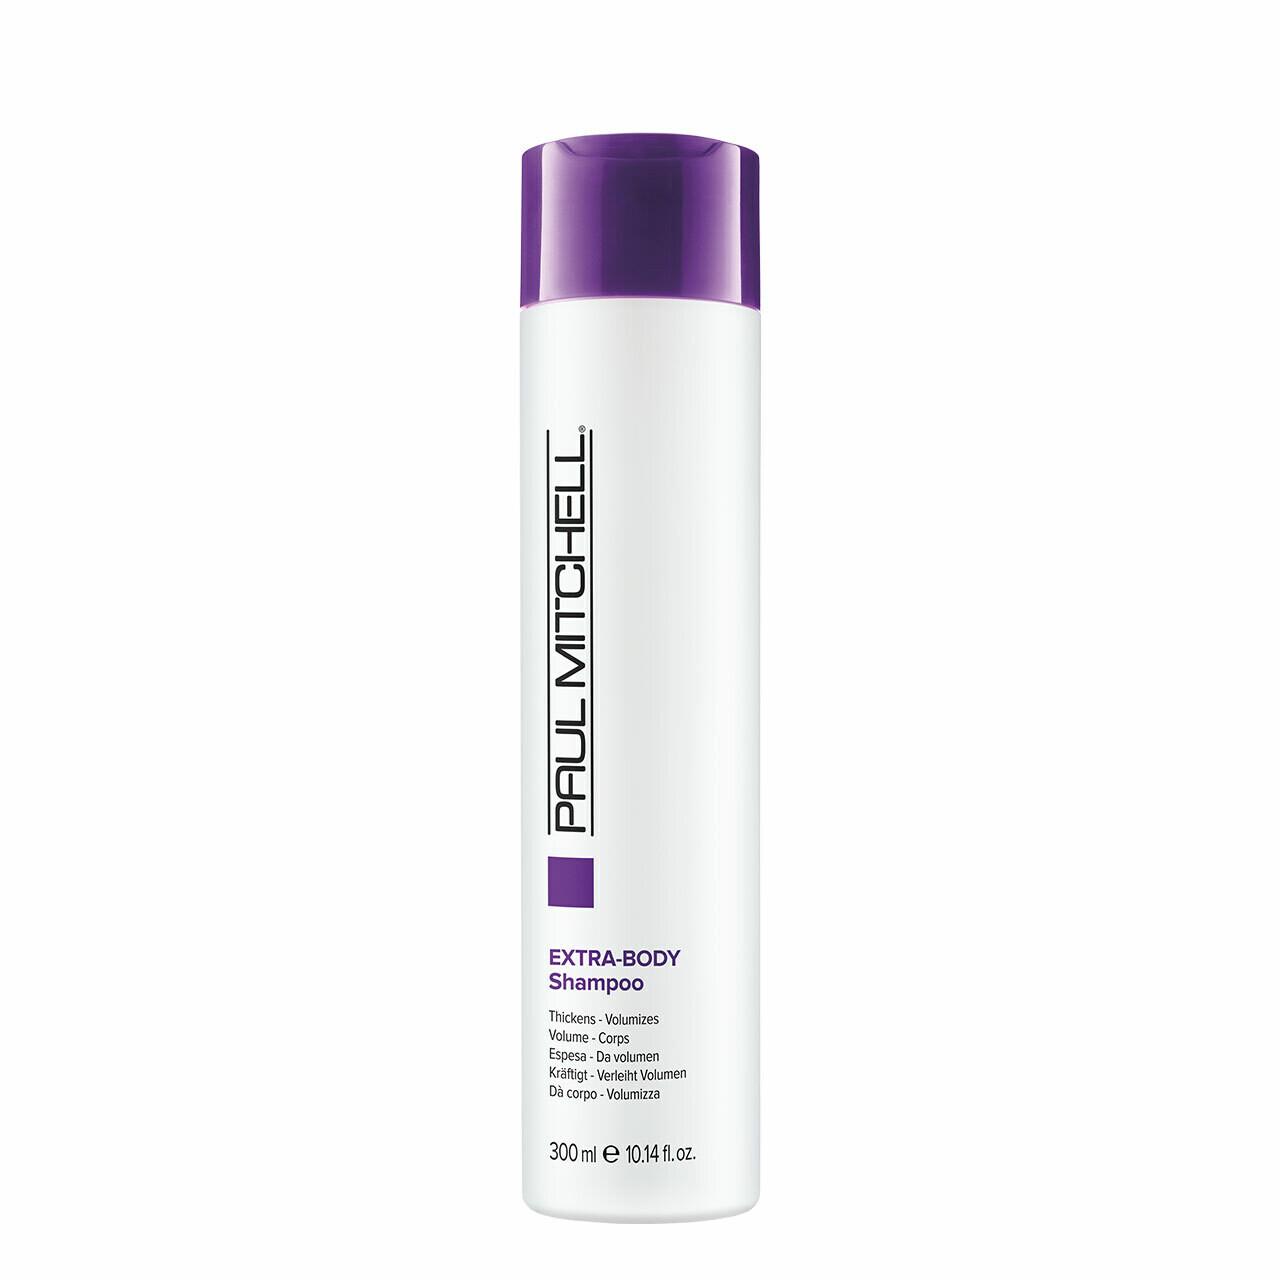 Extra-Body Shampoo 300ml